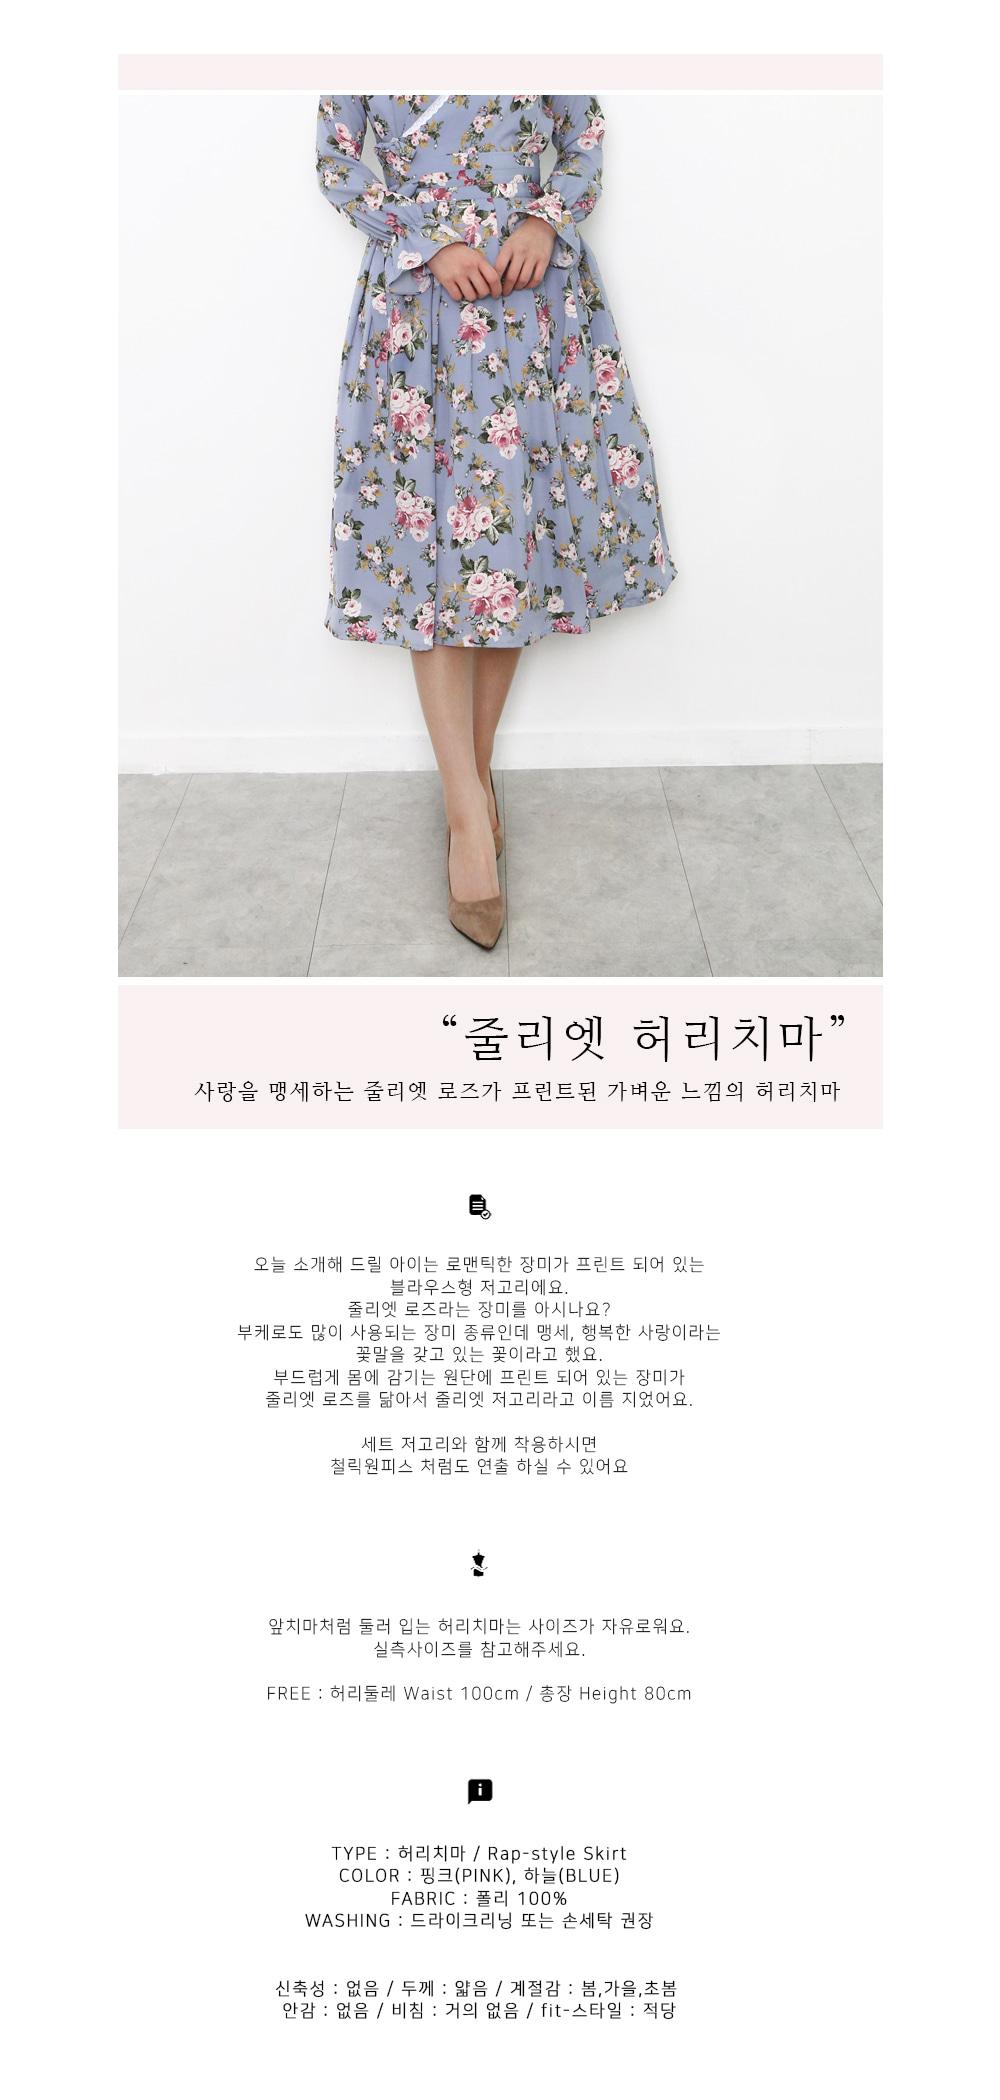 줄리엣 생활한복 허리치마(블루) - 데일리한, 88,000원, 생활한복, 여성한복